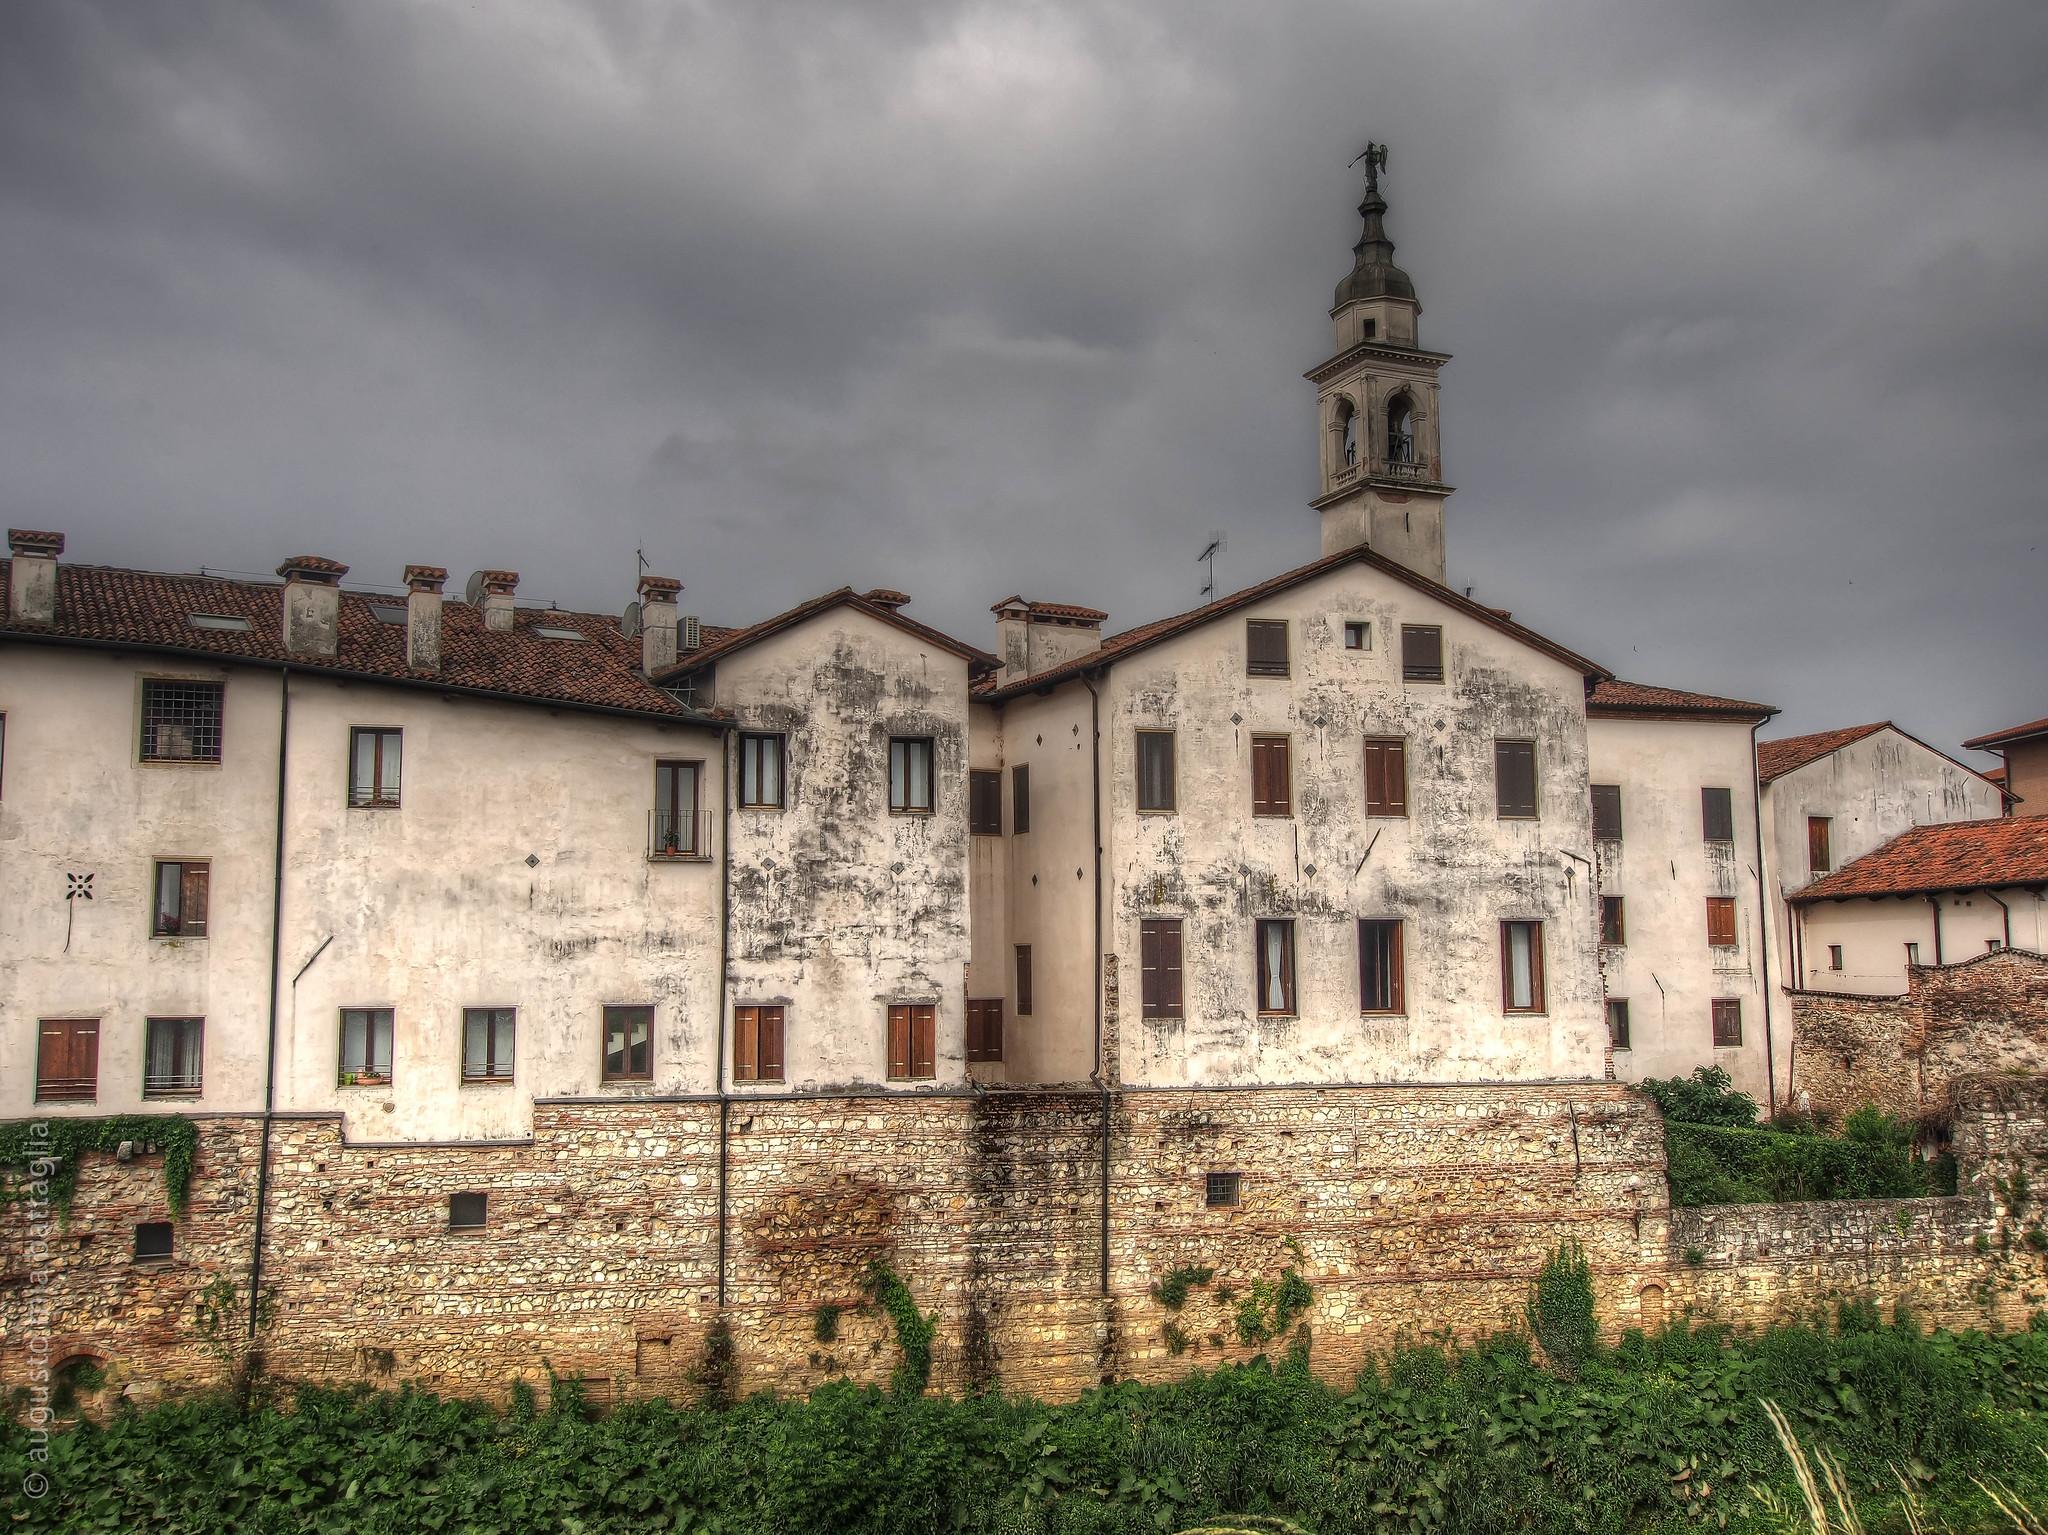 stefano battaglia architetto vicenza italy map - photo#18